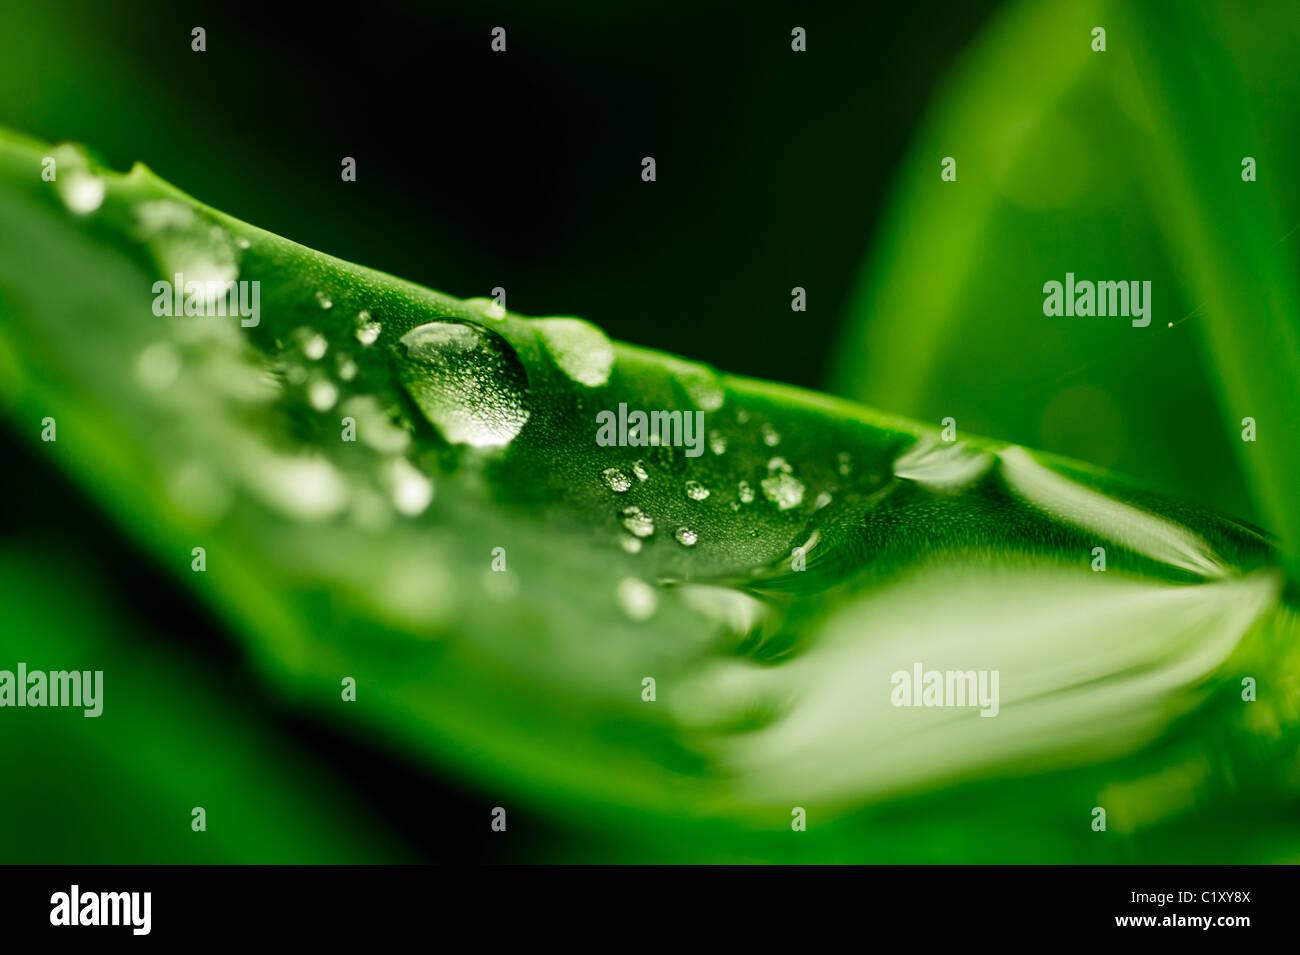 Wassertropfen auf einem lebendigen grünen Blatt Stockbild